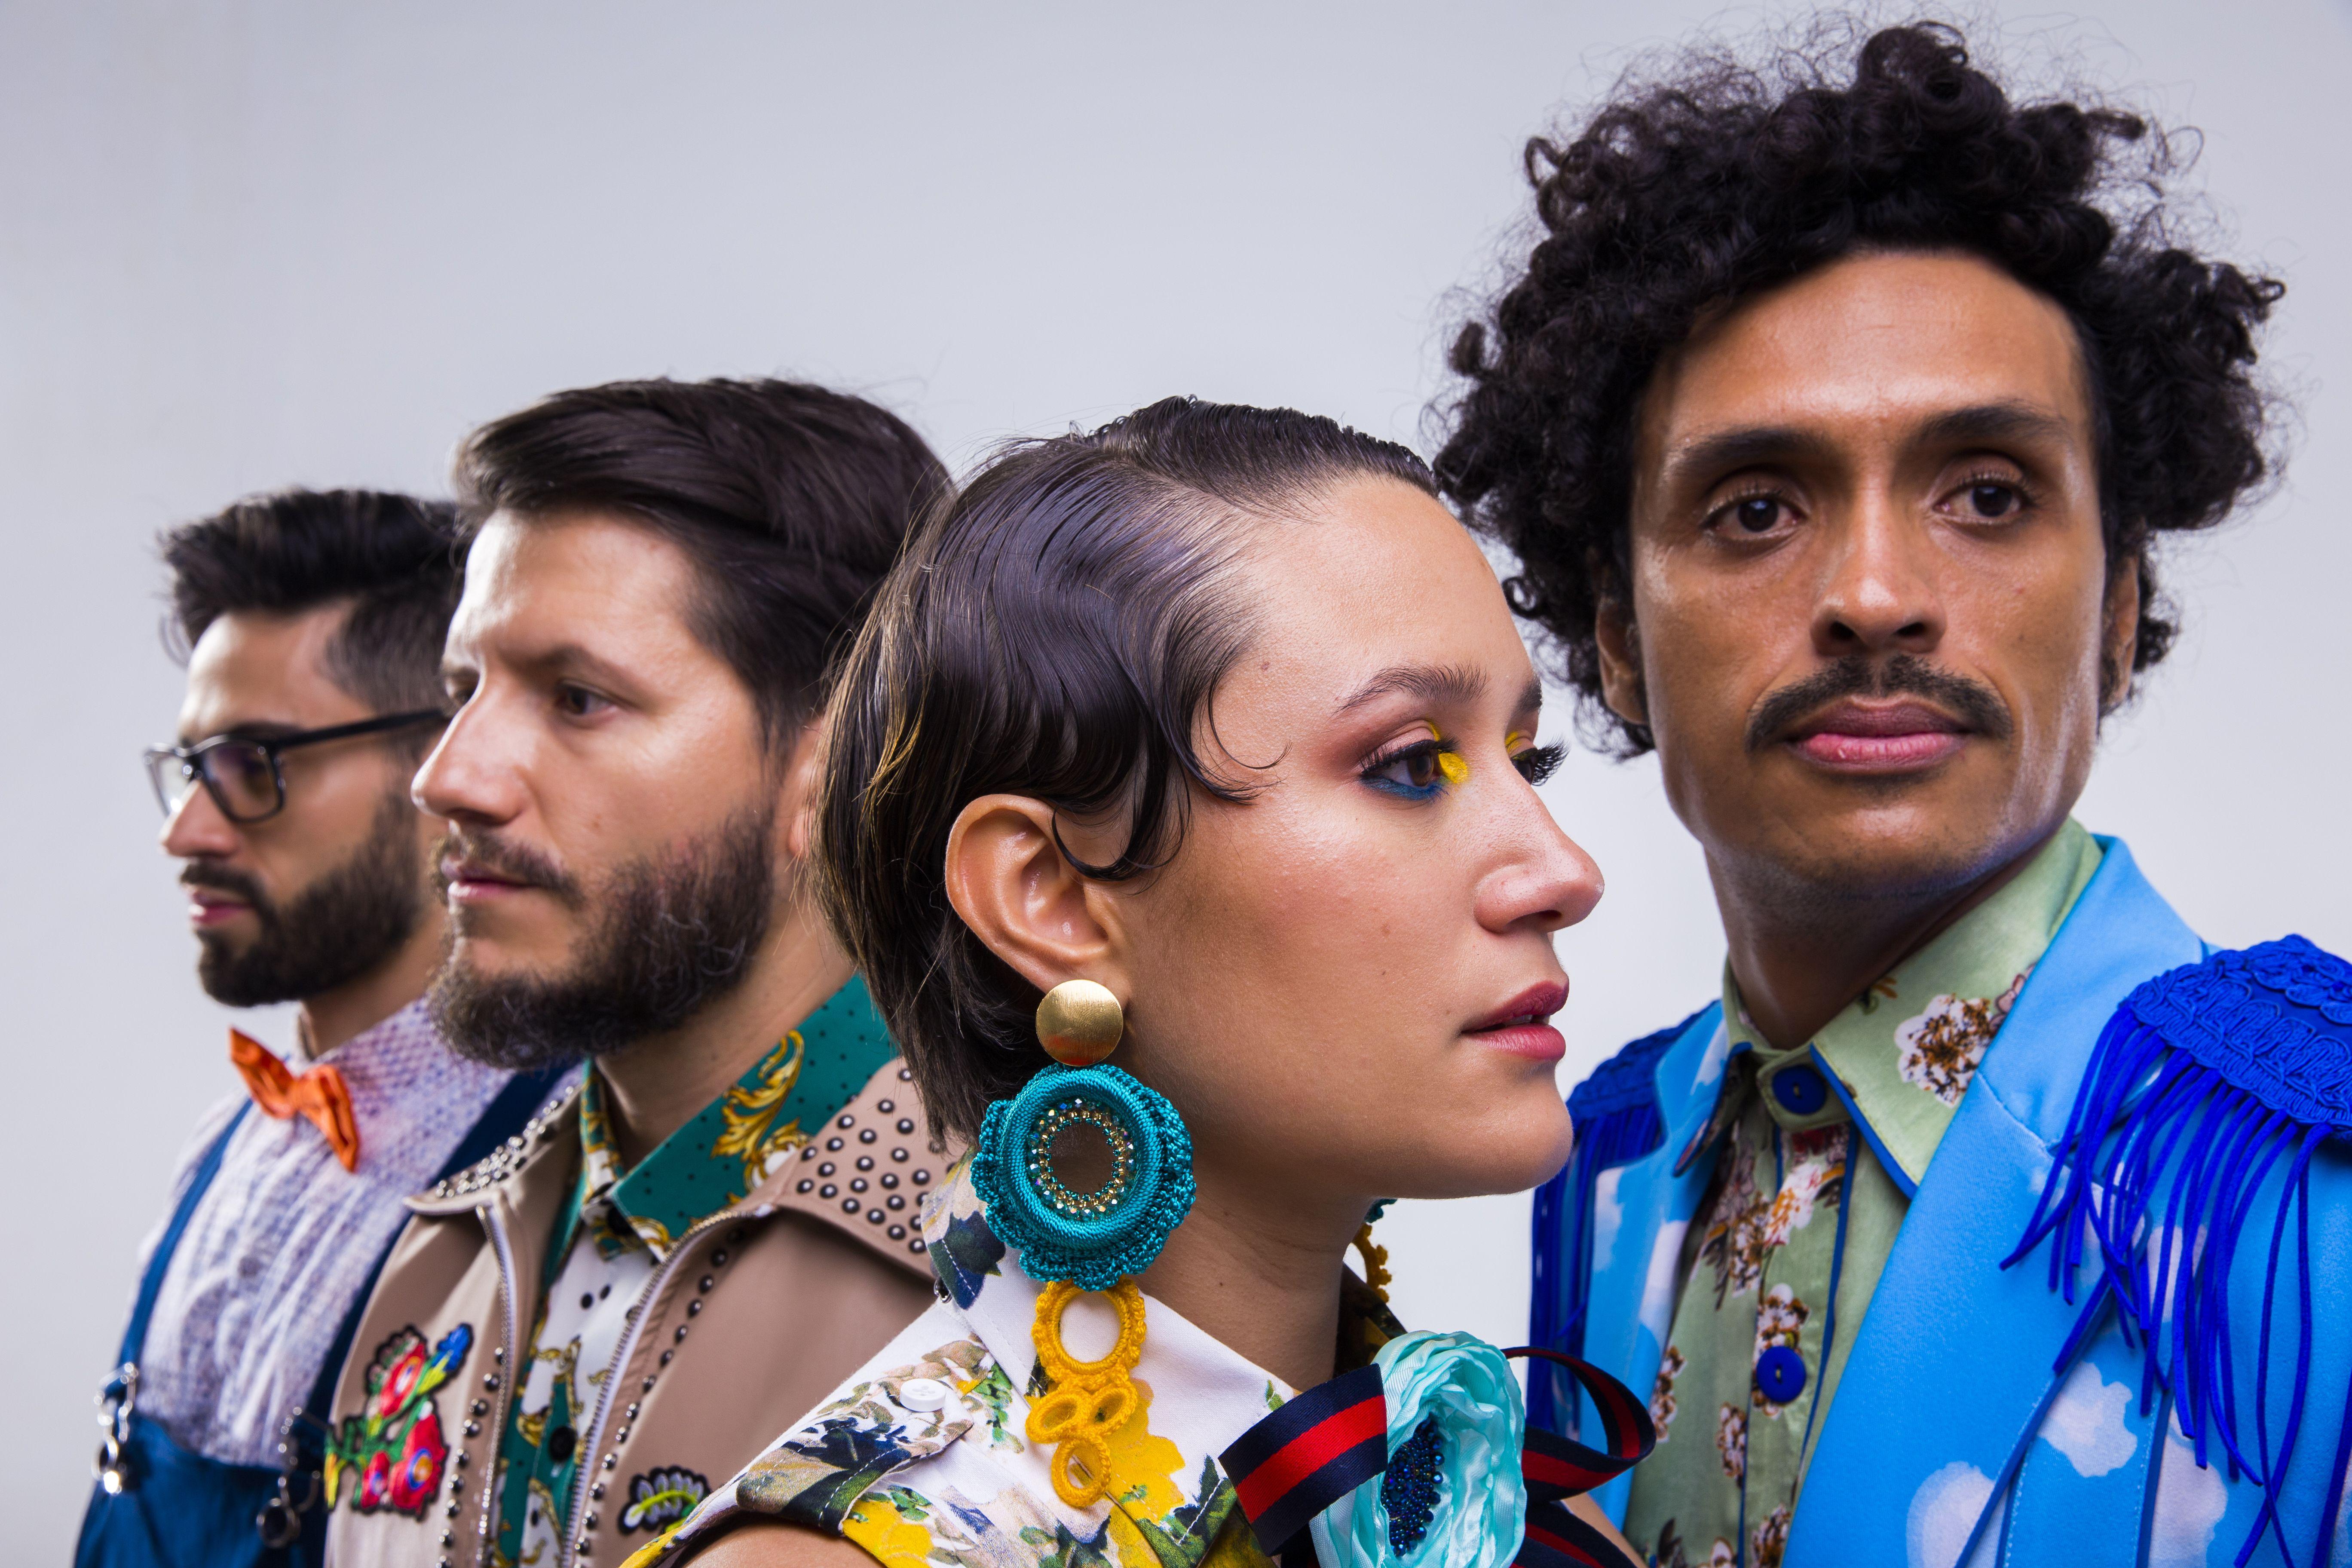 Колумбийская музыкальная группа выступит в музее-заповеднике «Царицыно»